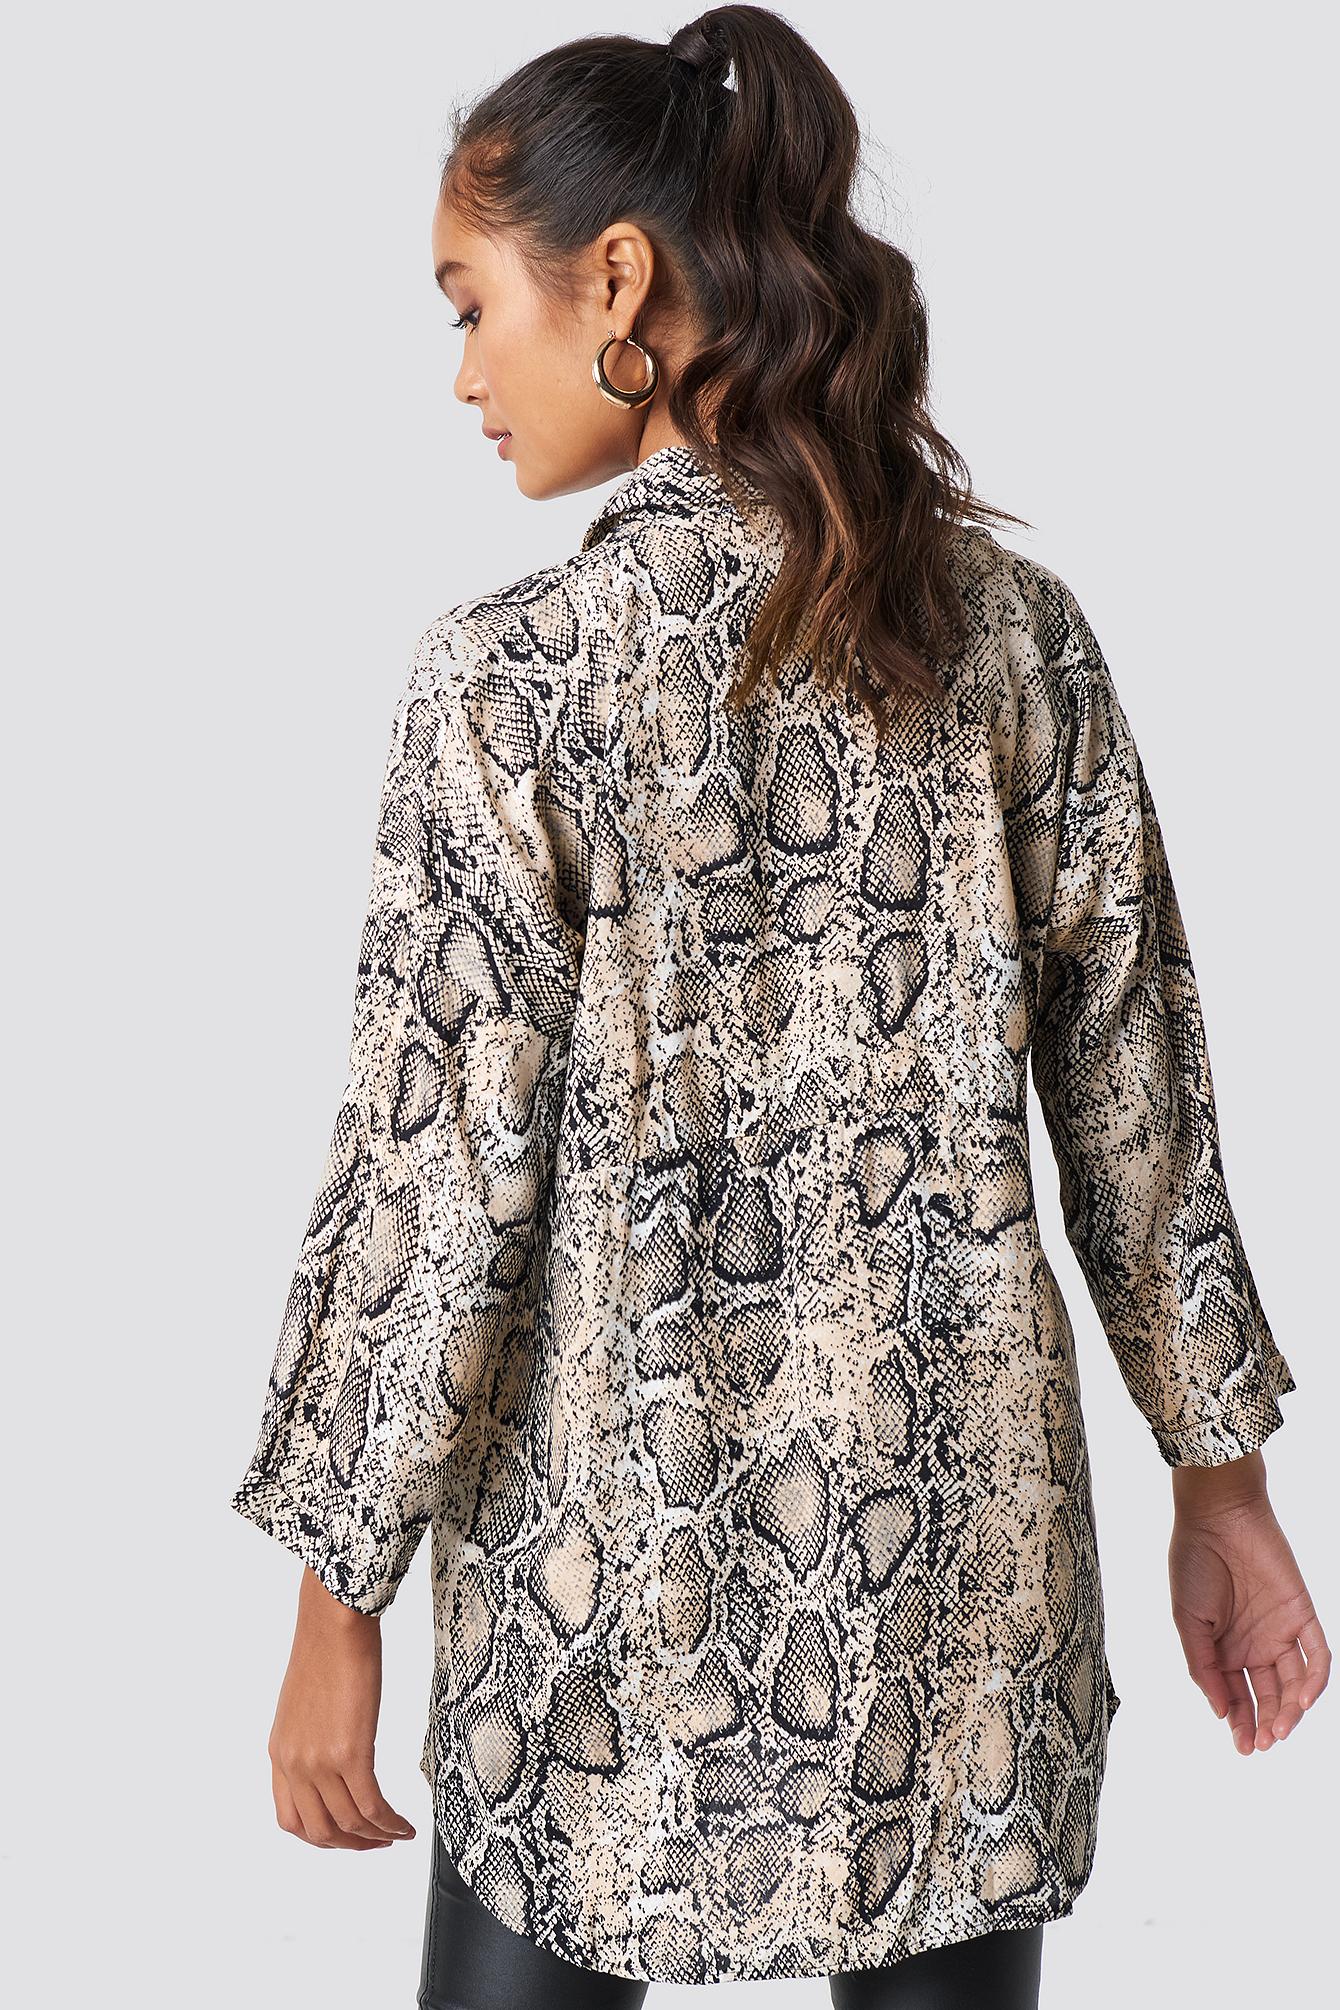 Snakeskin Pattenerd Shirt NA-KD.COM